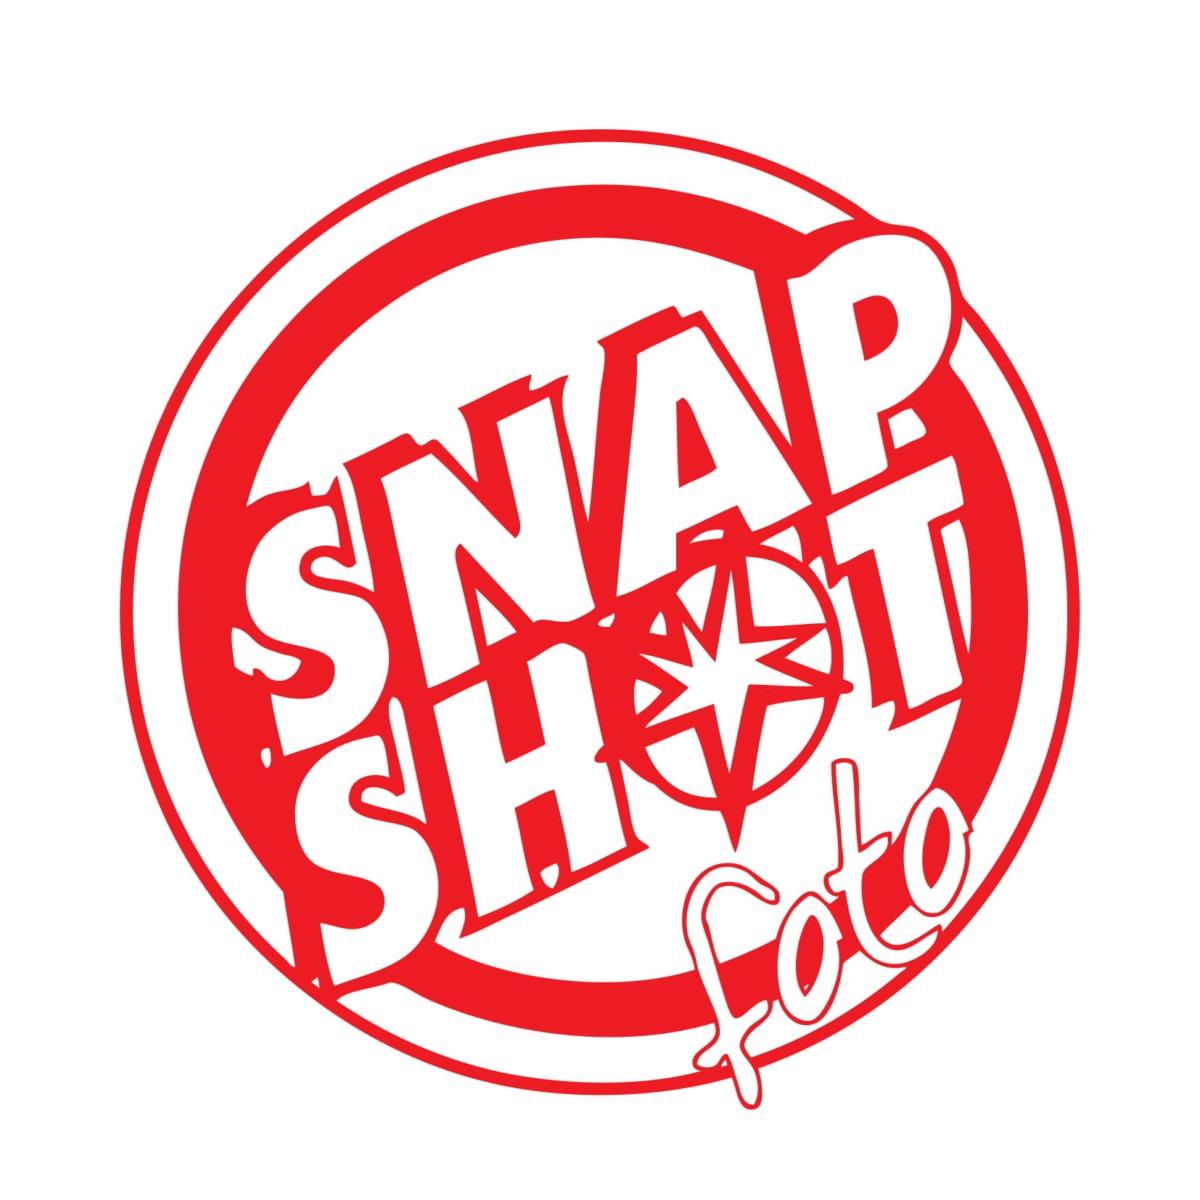 LOGO_SNAPSHOT-CROP